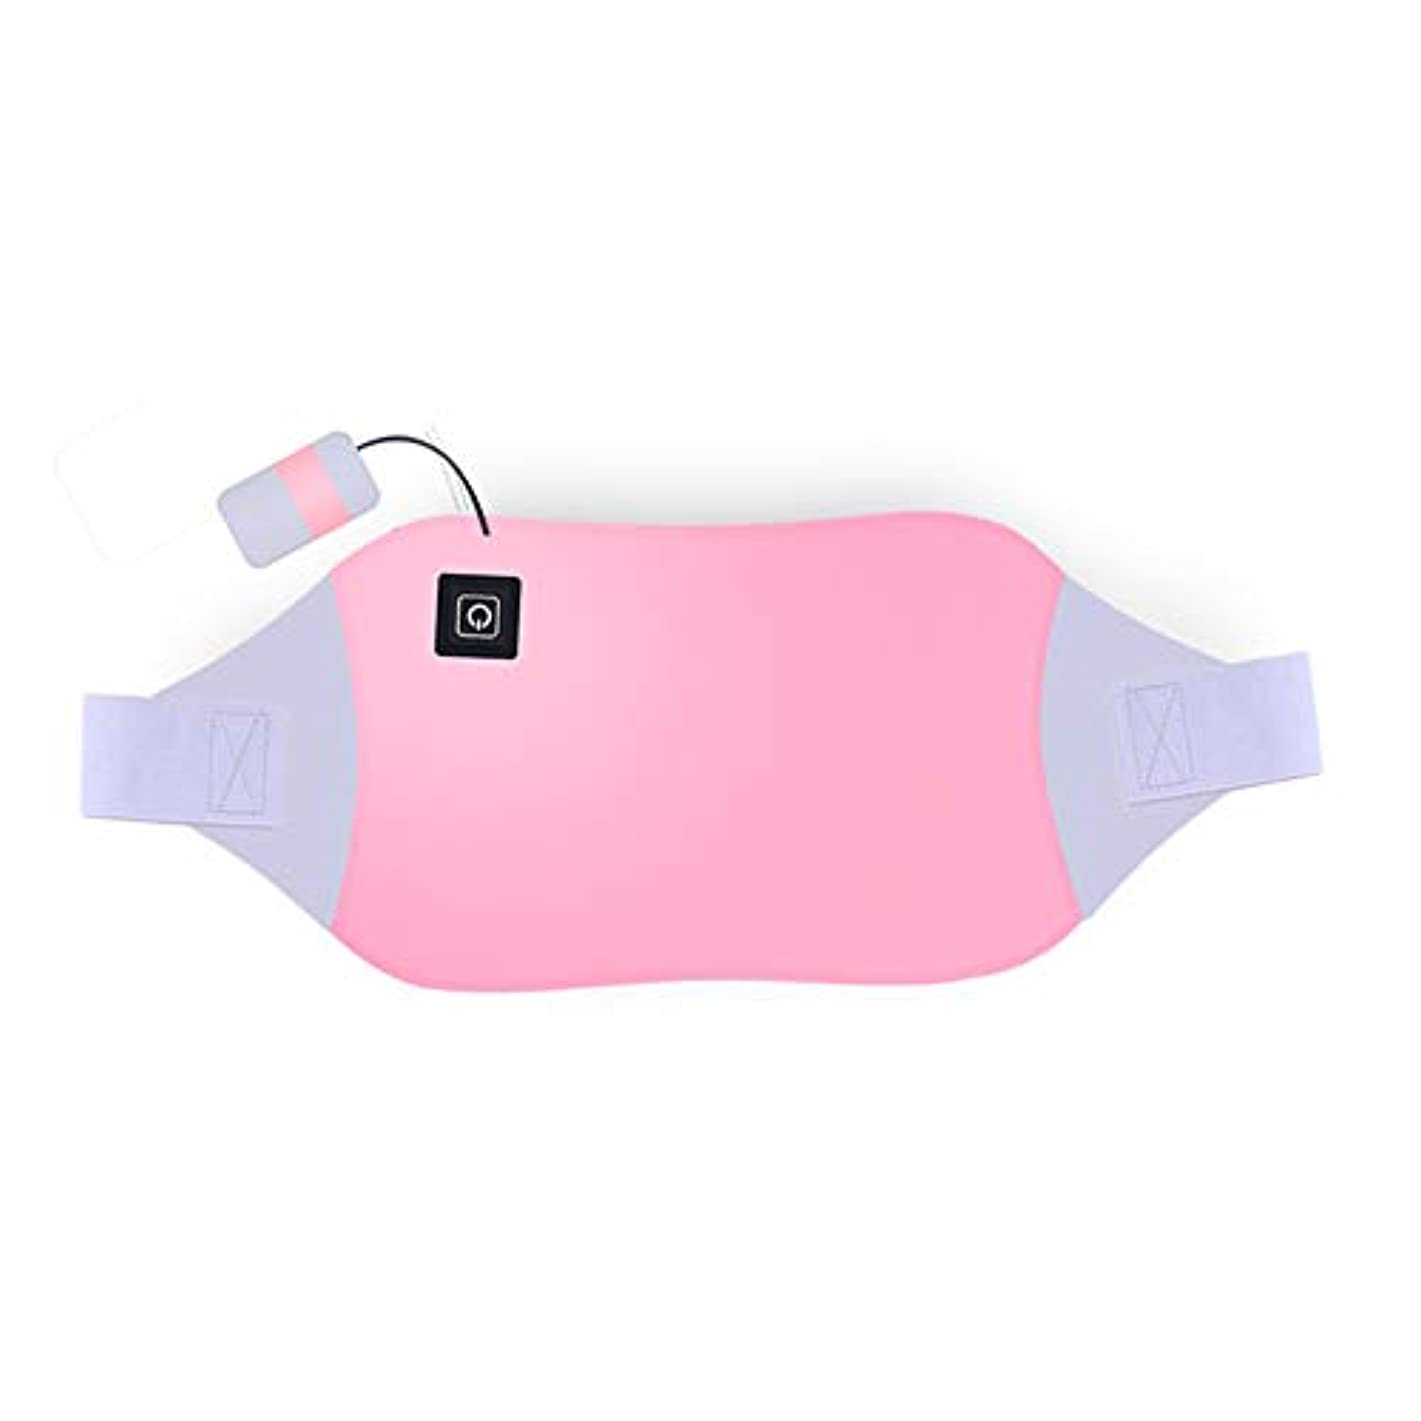 LVESHOP 多機能電気暖房ベルト、繰り返し洗濯、療法月経痛の痛みの軽減 (色 : T2)